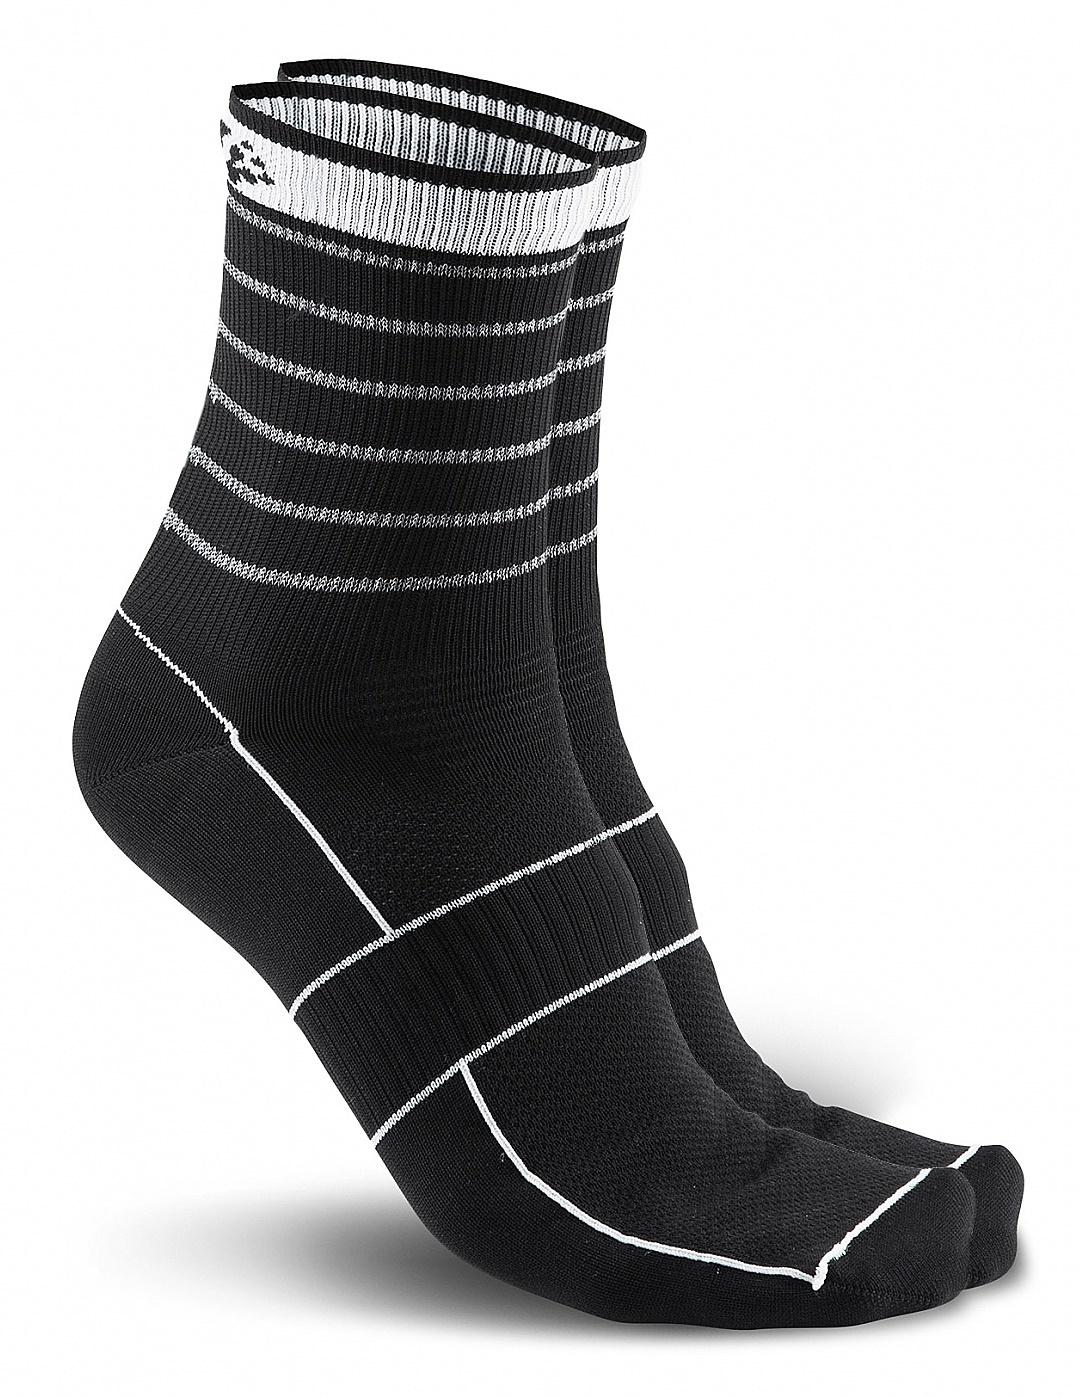 Носки для бега Craft Active Glow (1904086-9926) черные фото